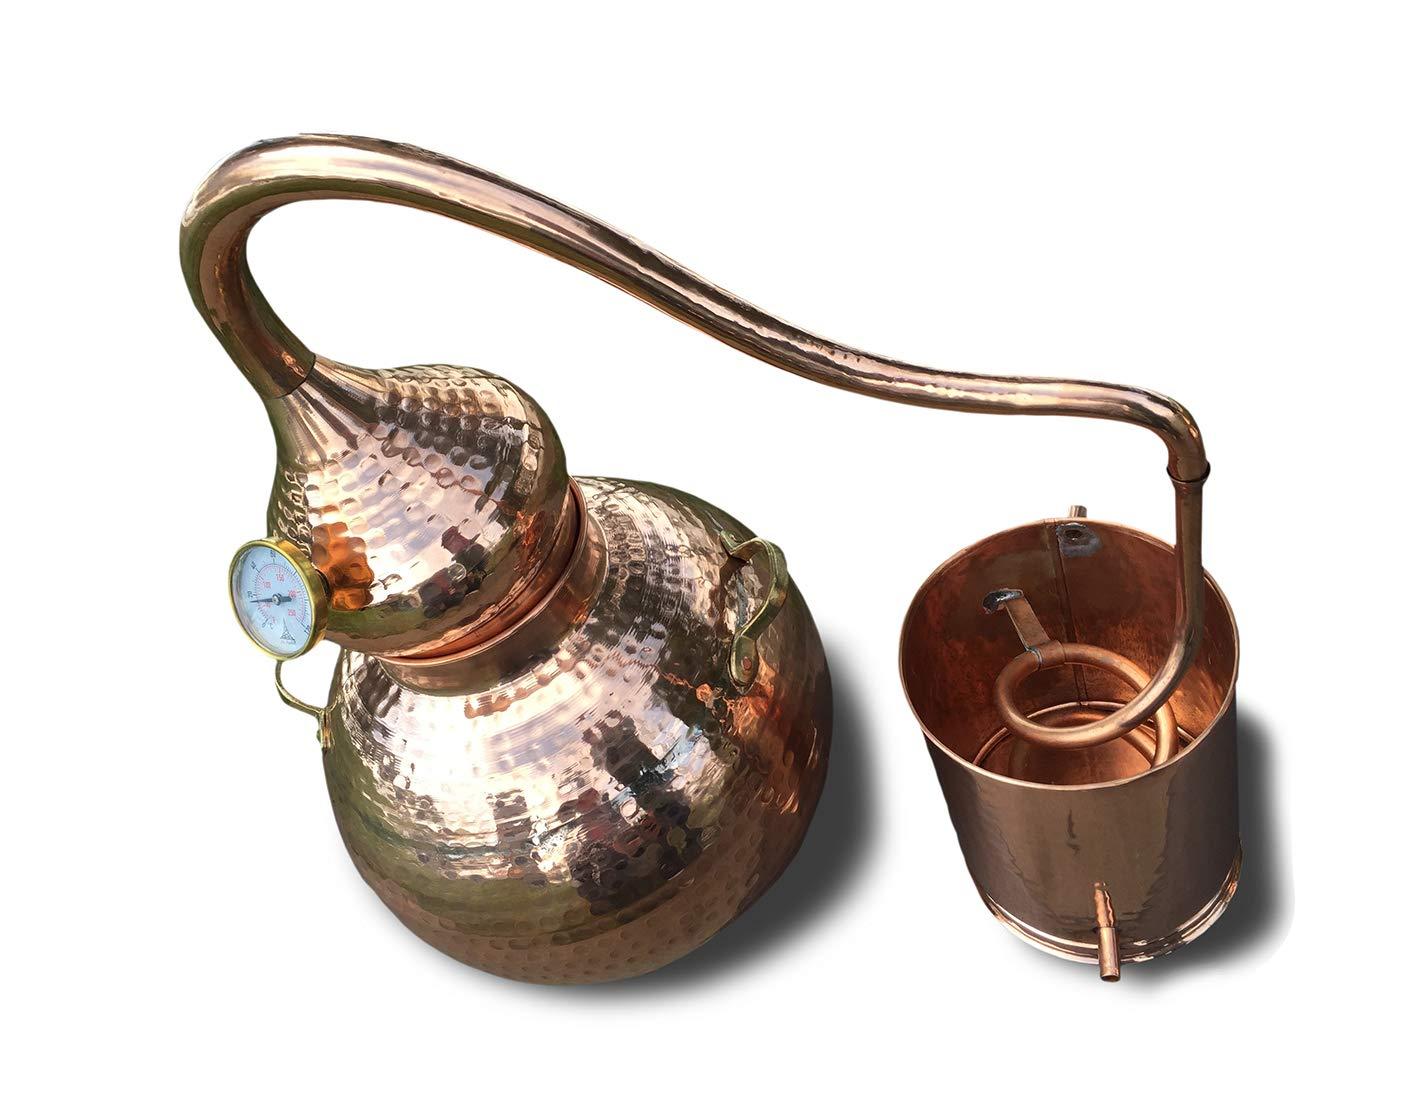 5 Gallon Copper Alembic Still